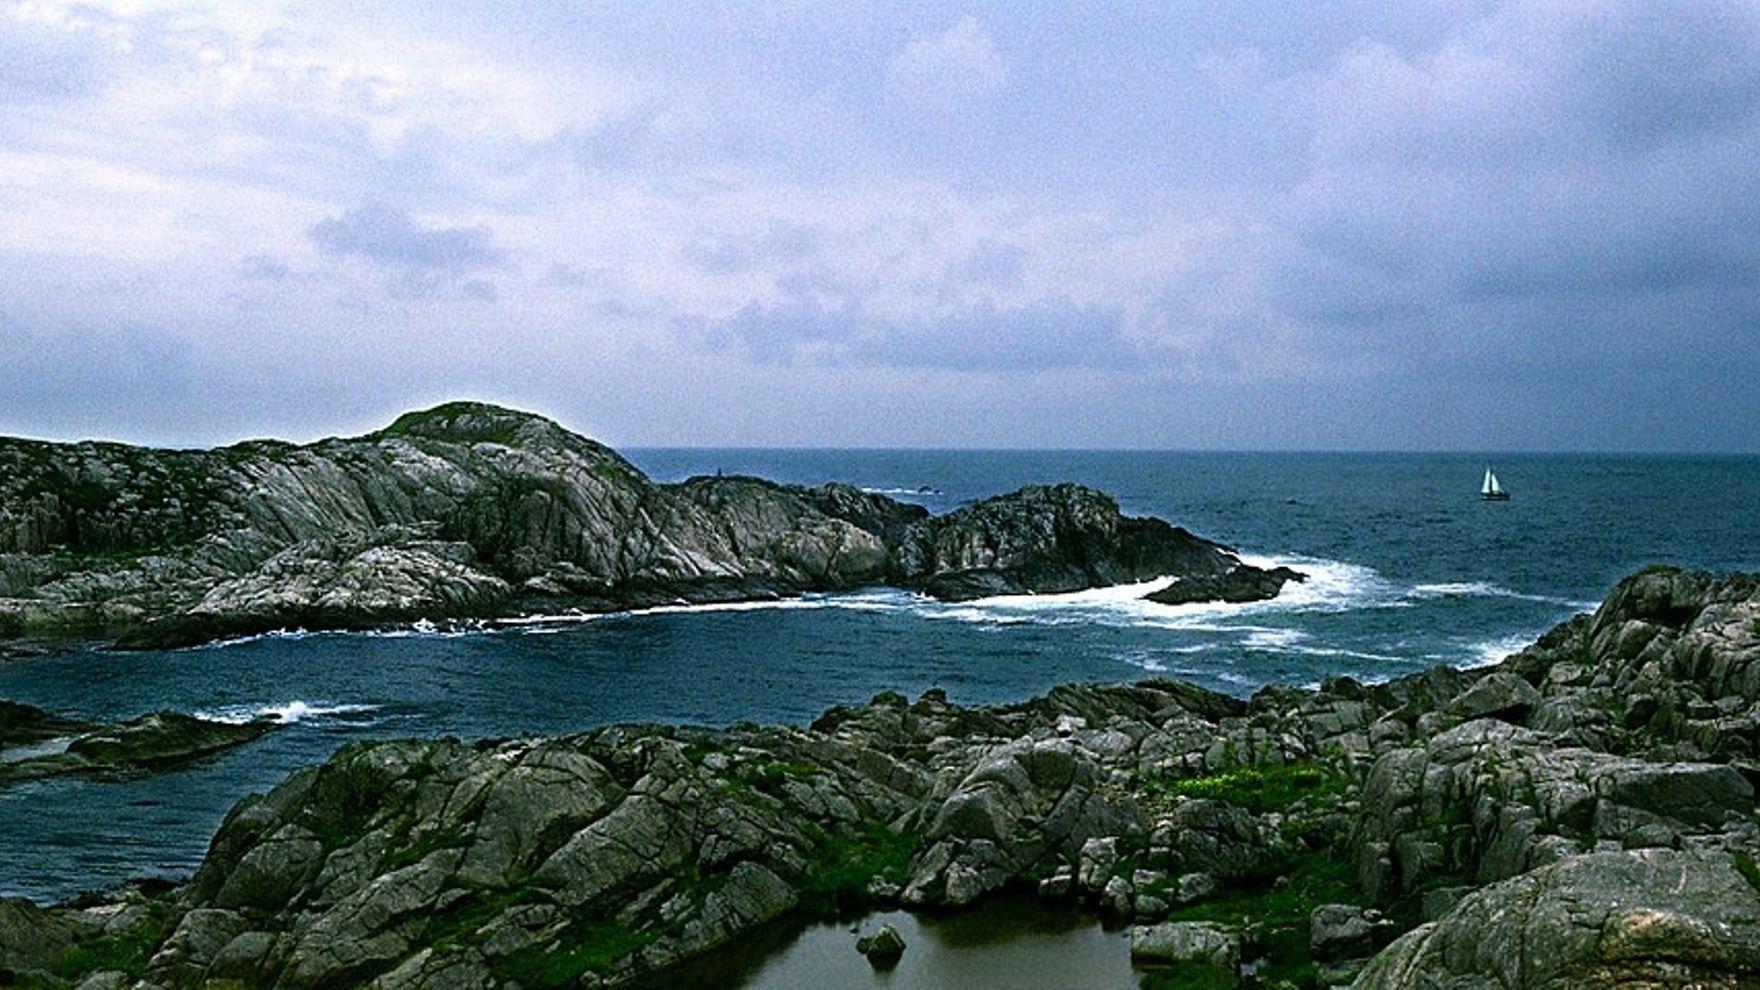 Gothenburg - Stavanger. Skaggerak Strait